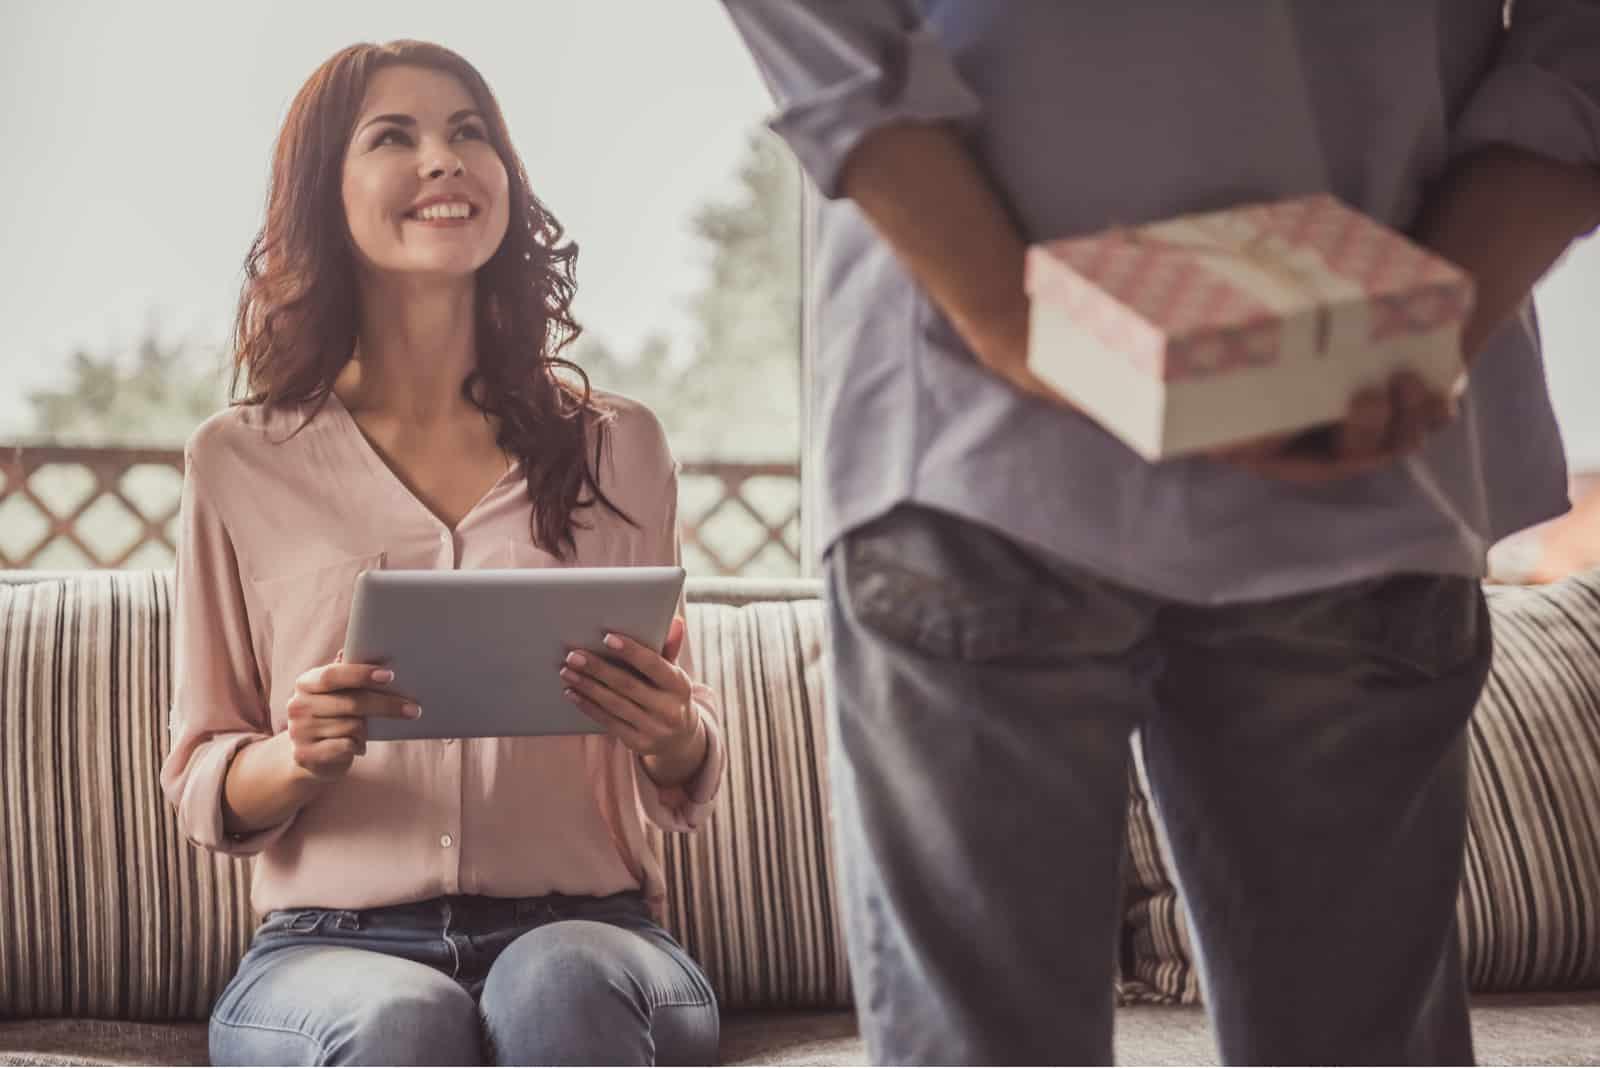 Ein Mann versteckt hinter seinem Rücken ein Geschenk für eine lächelnde Frau, die mit einer Tablette in den Händen auf einem Sofa sitzt